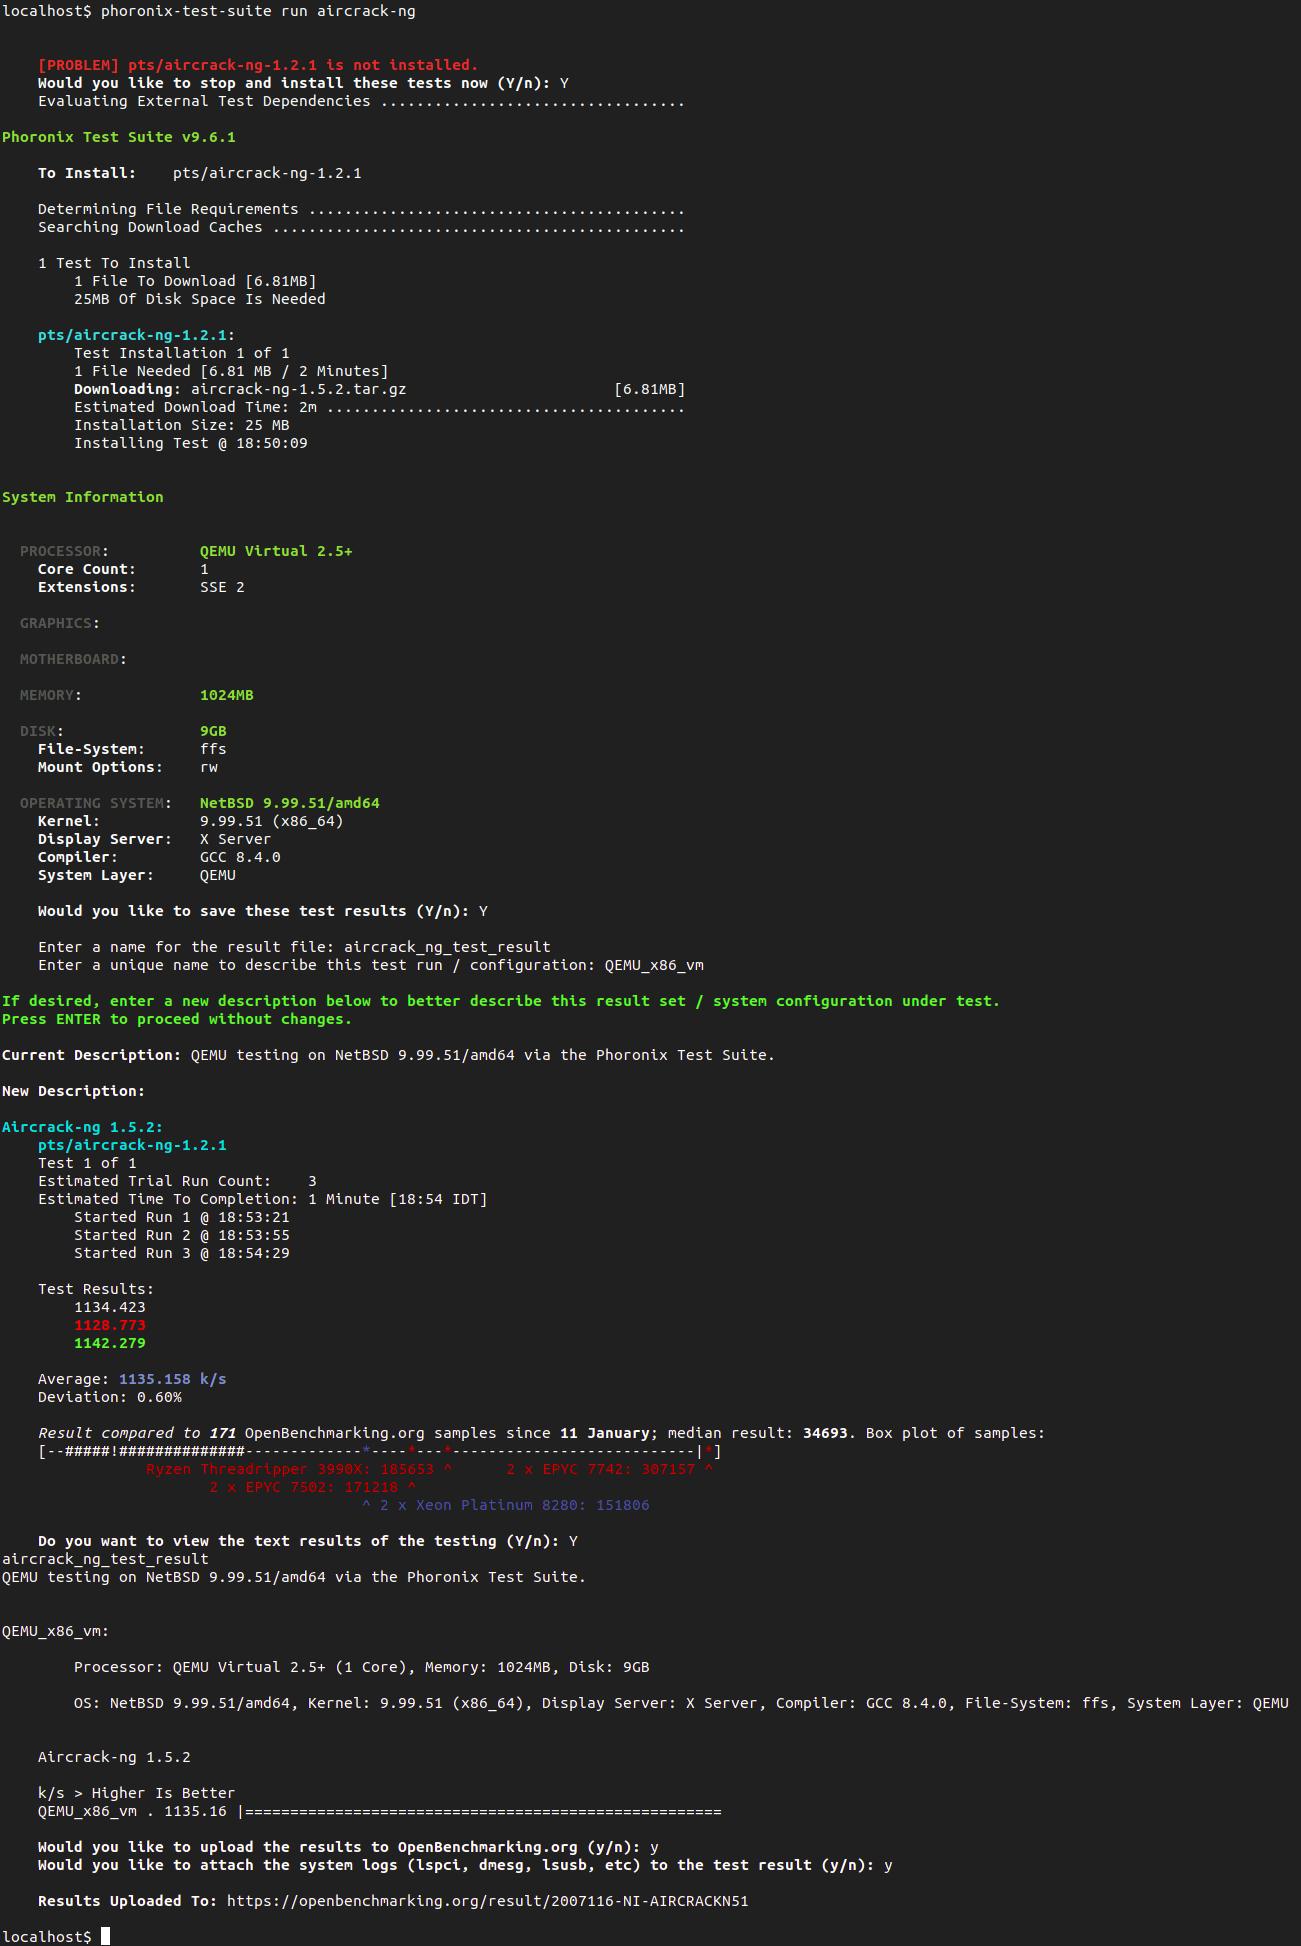 Screenshot of aircrack-ng PTS test-profile results